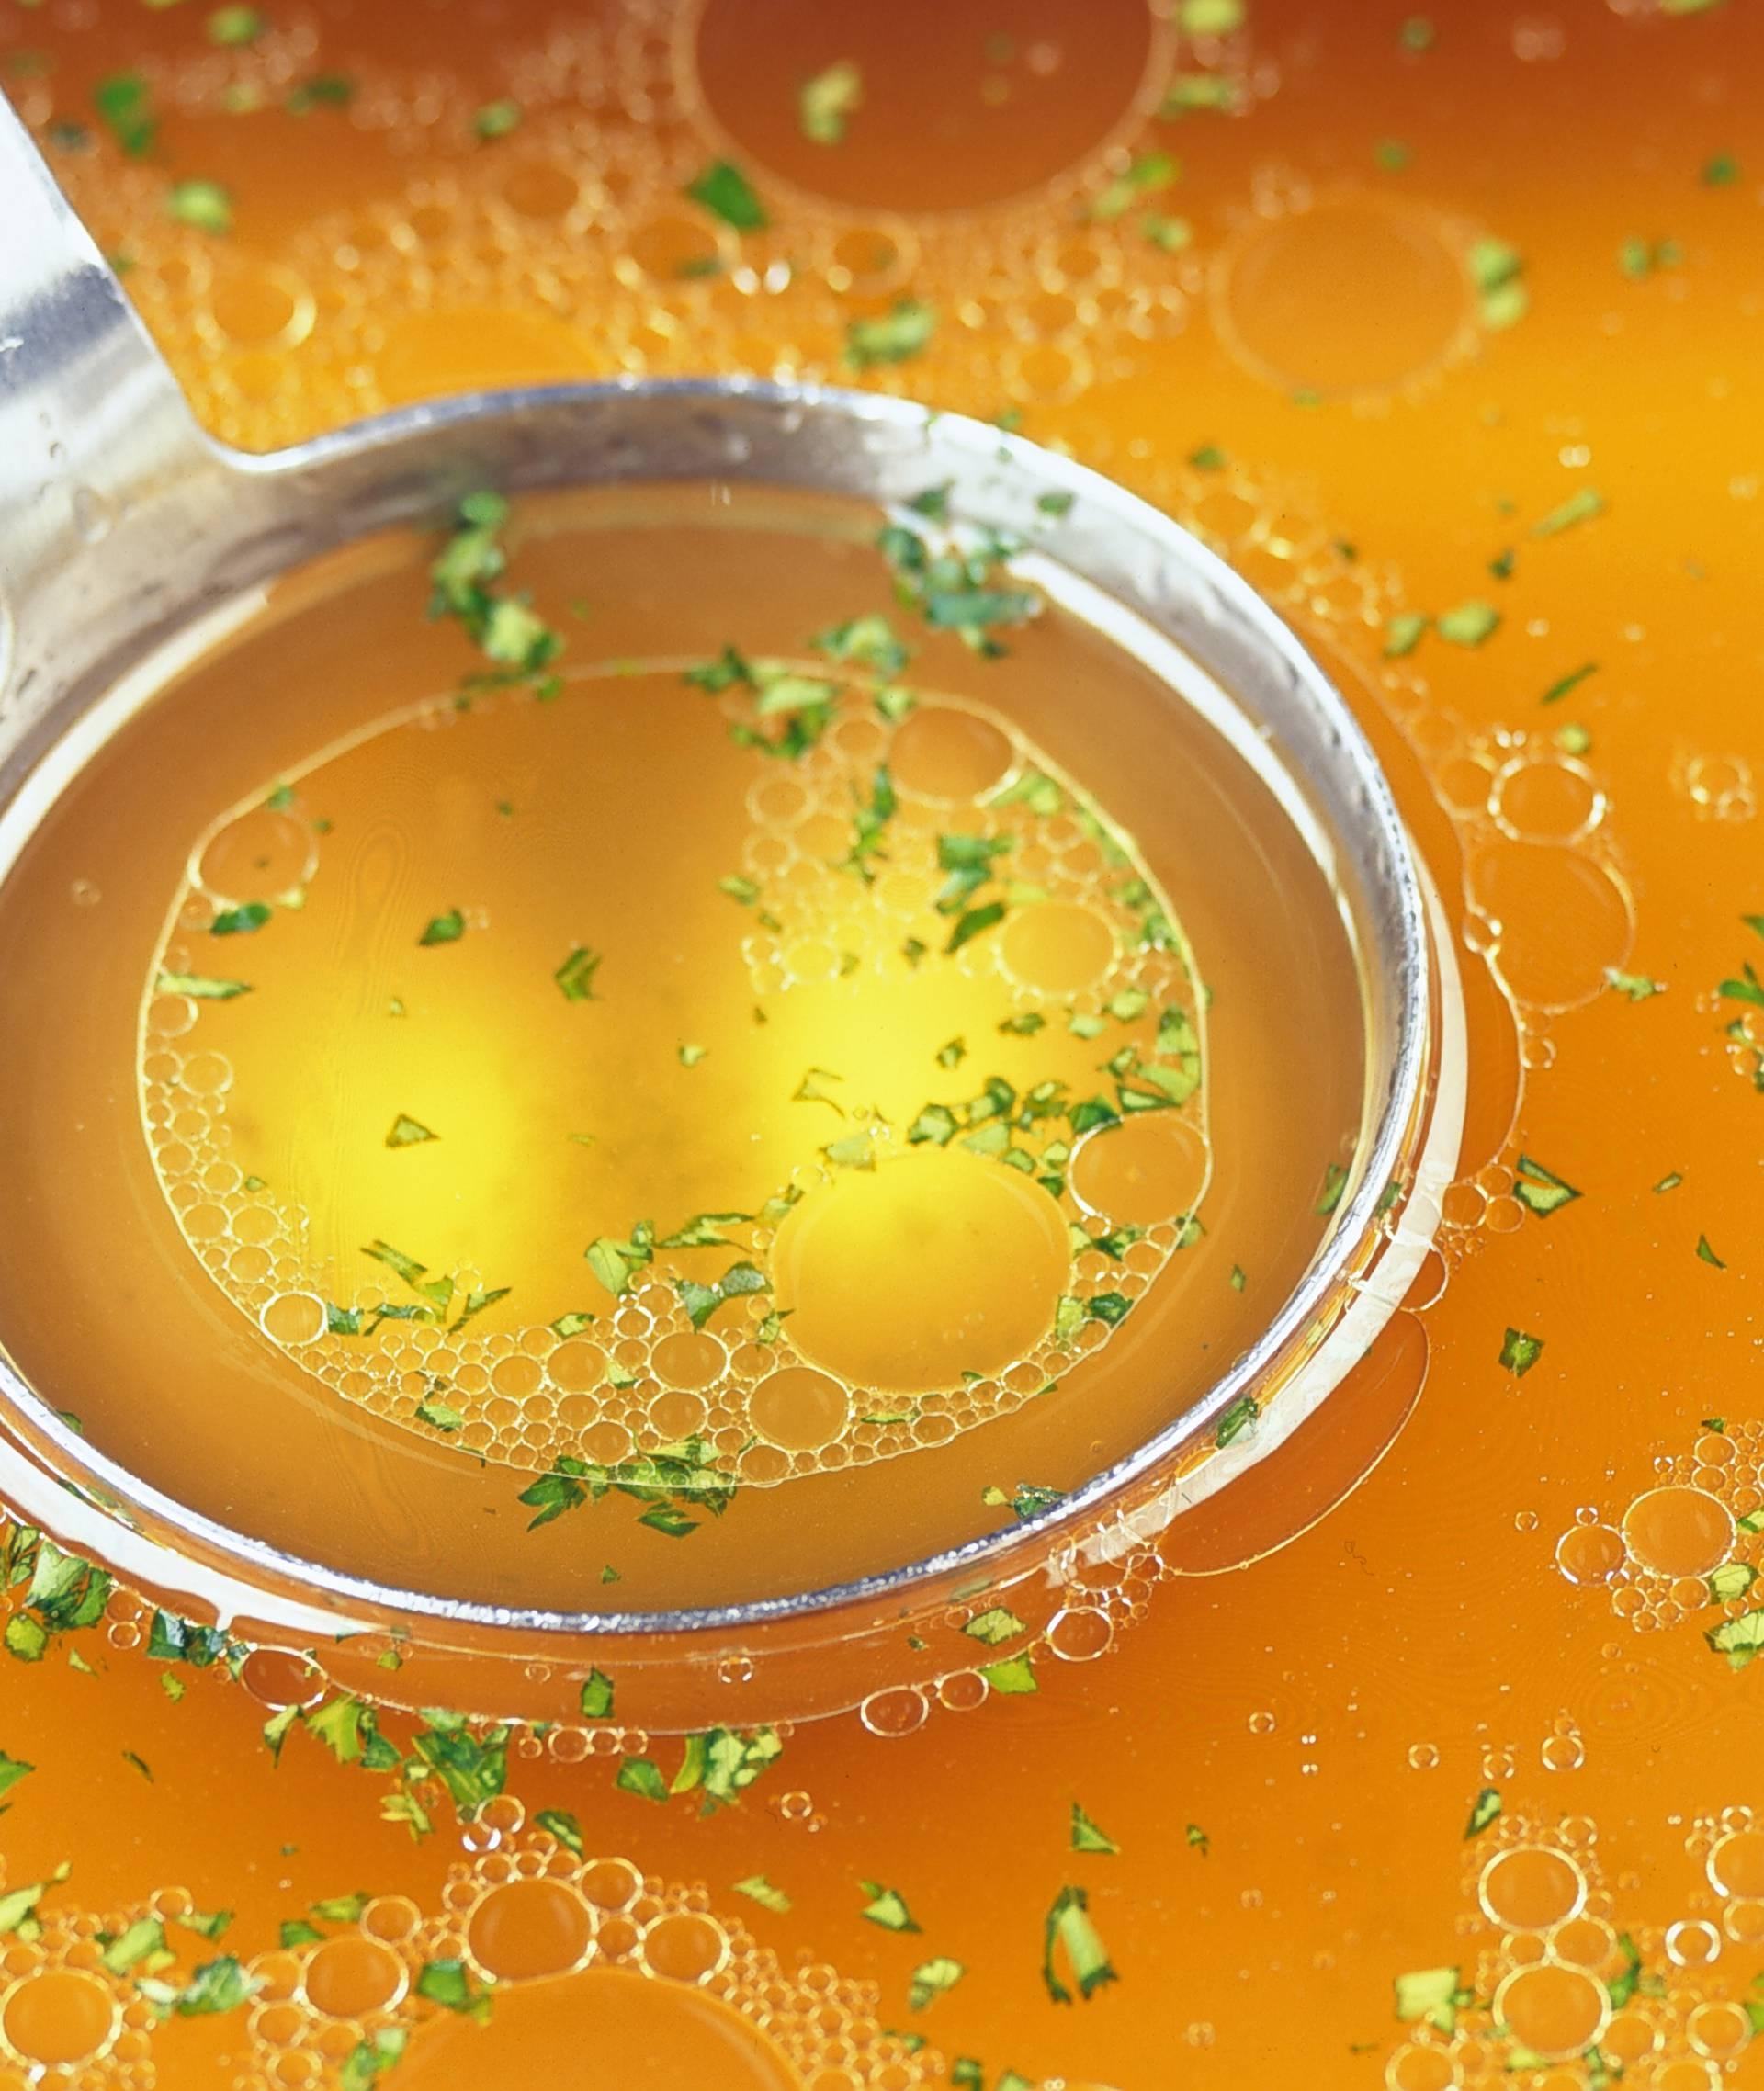 Super trik za premasnu juhu: Stavite ovo i upit će svu mast